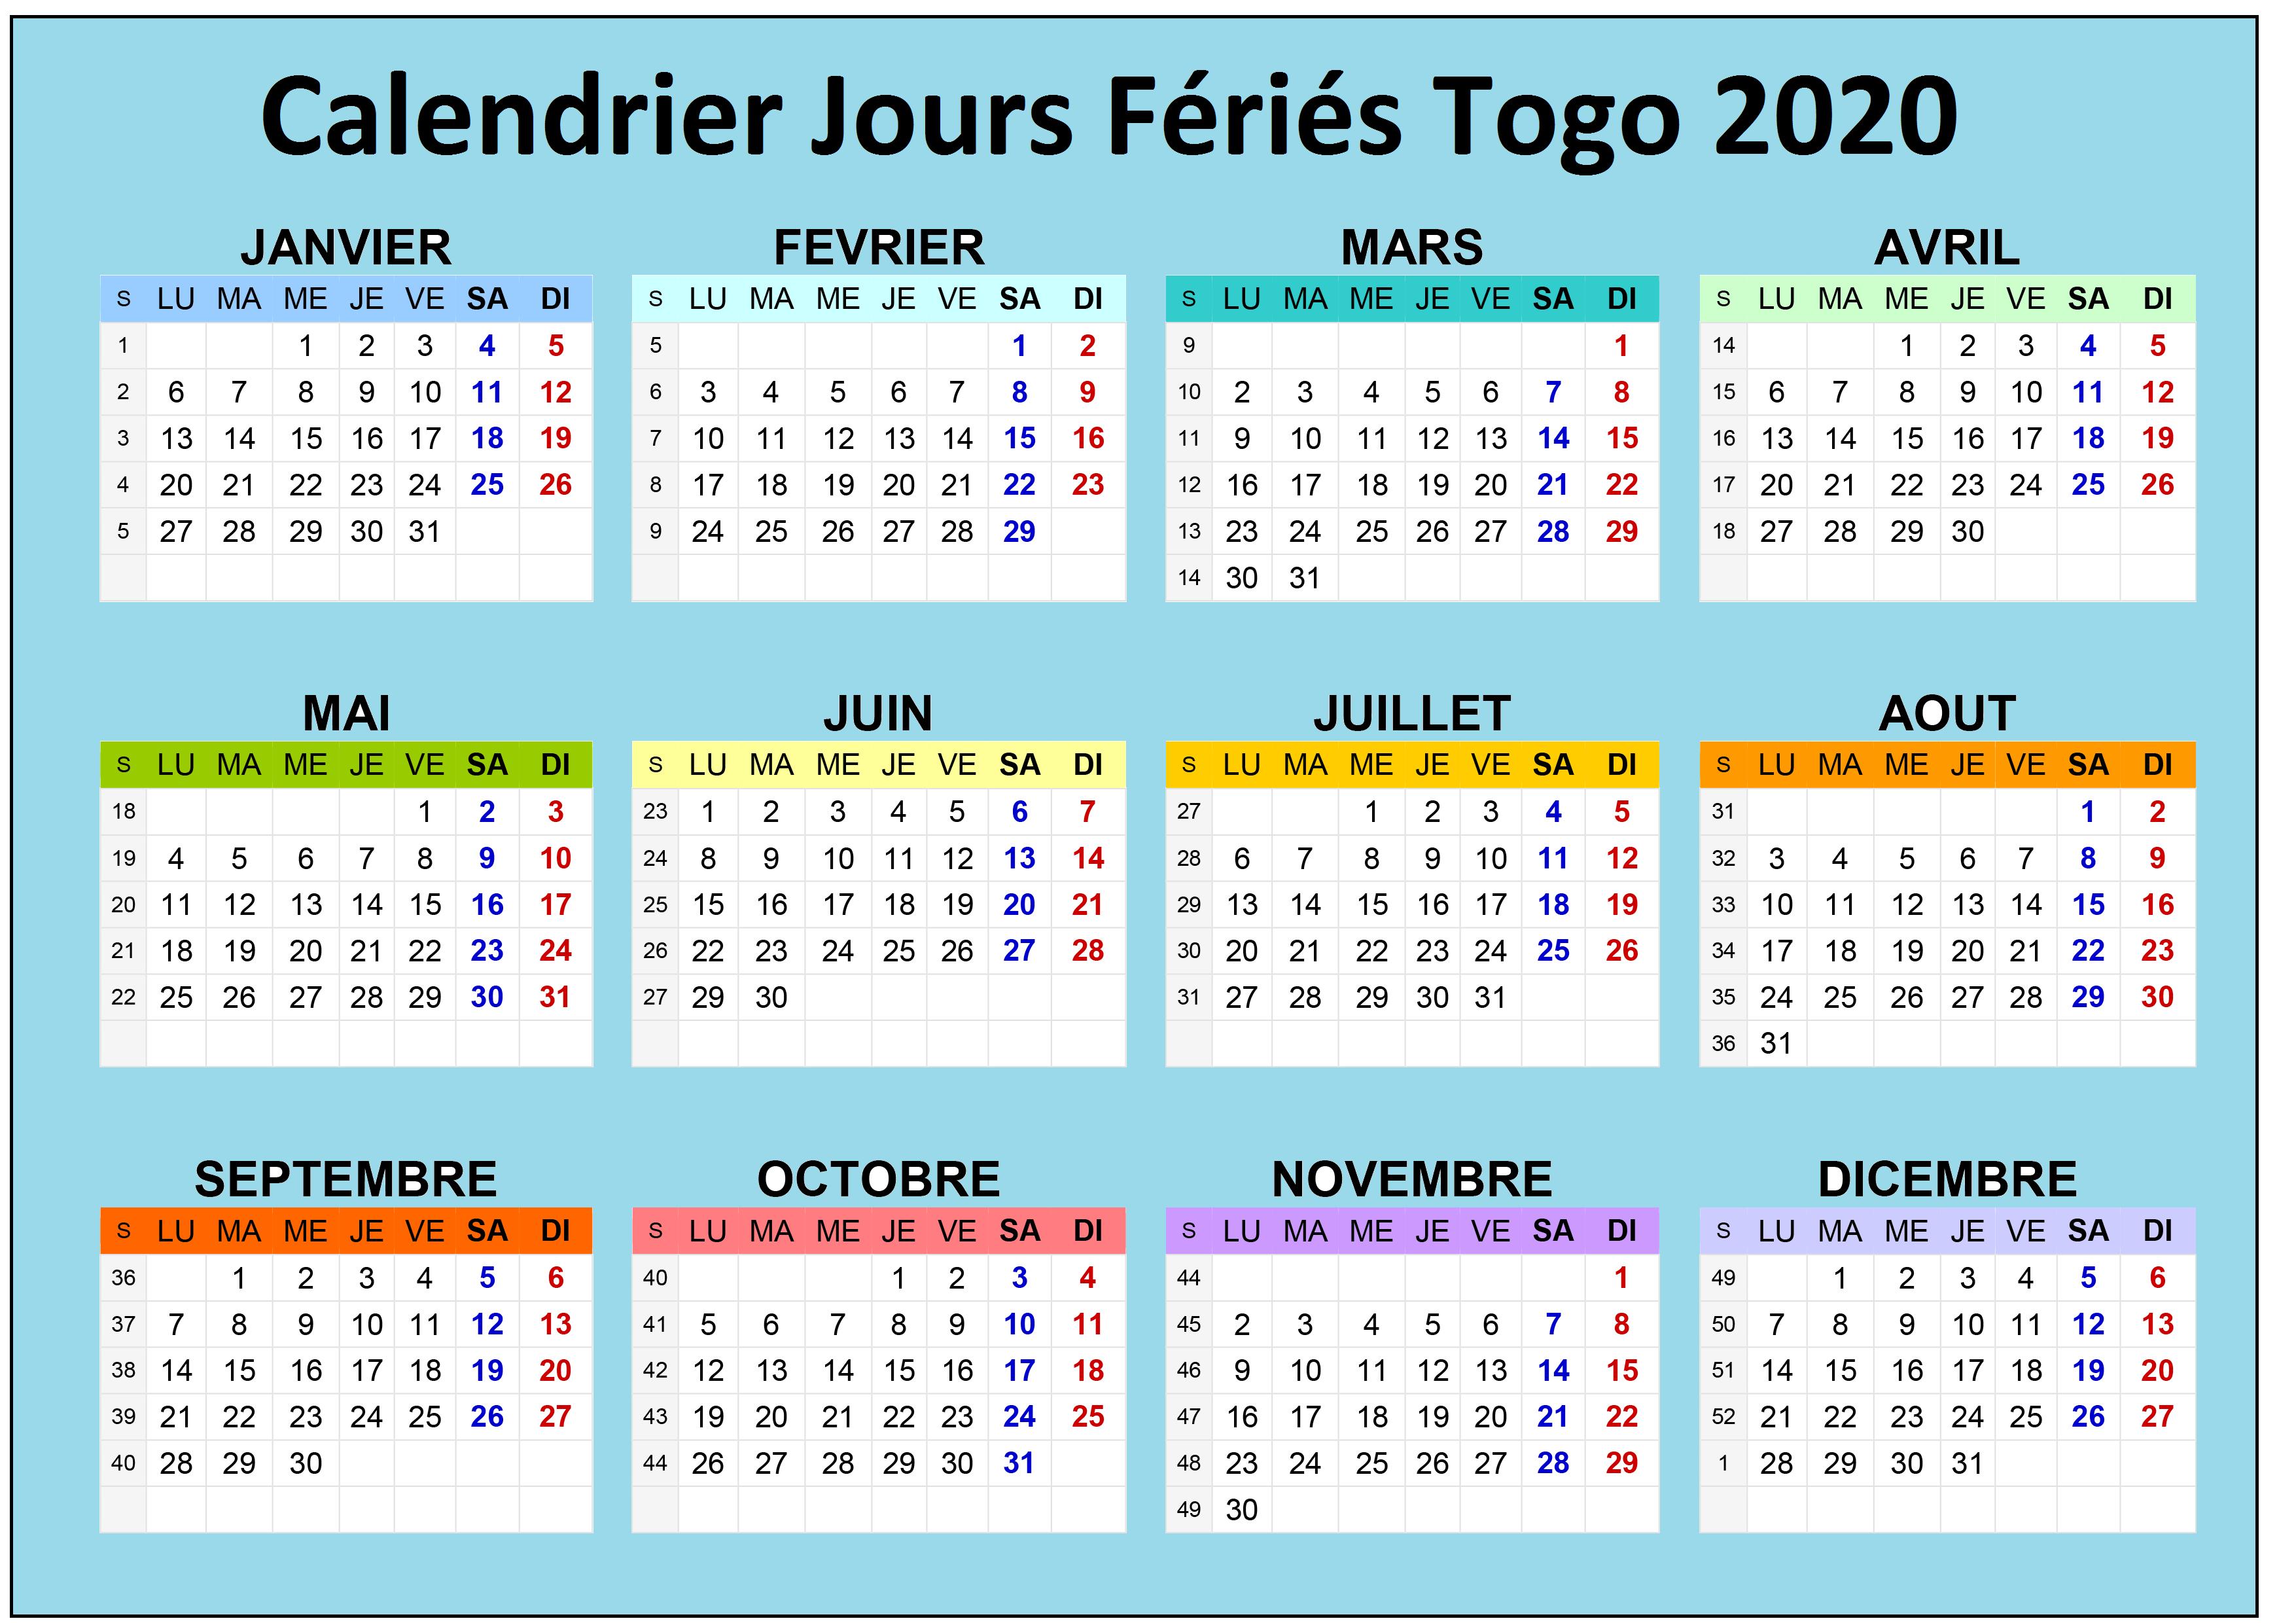 Calendrier Jours Feries Togo 2020 Et 2021